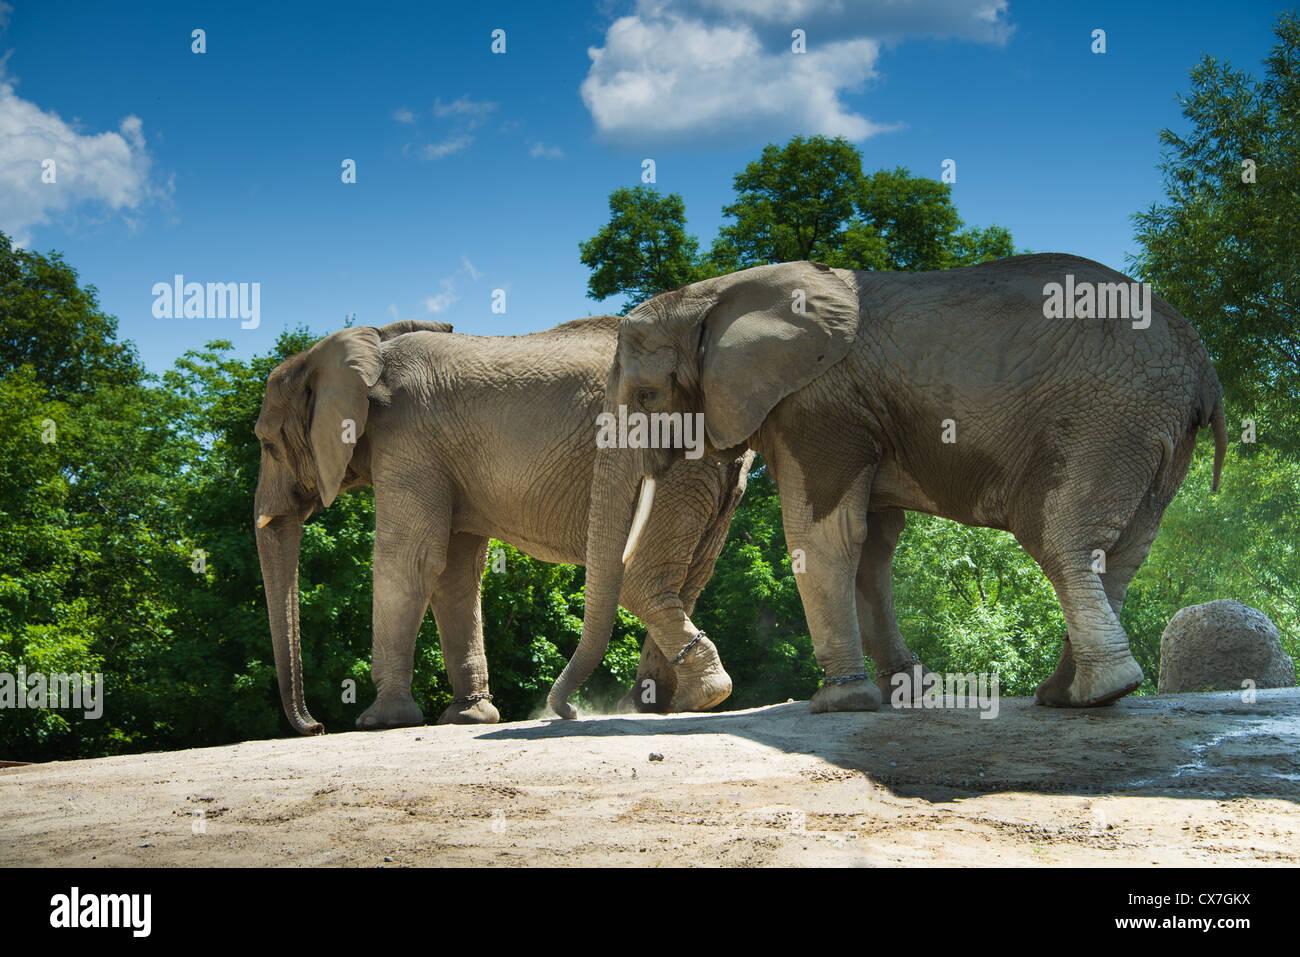 Il s'agit d'une image de l'éléphant au zoo de Toronto Banque D'Images